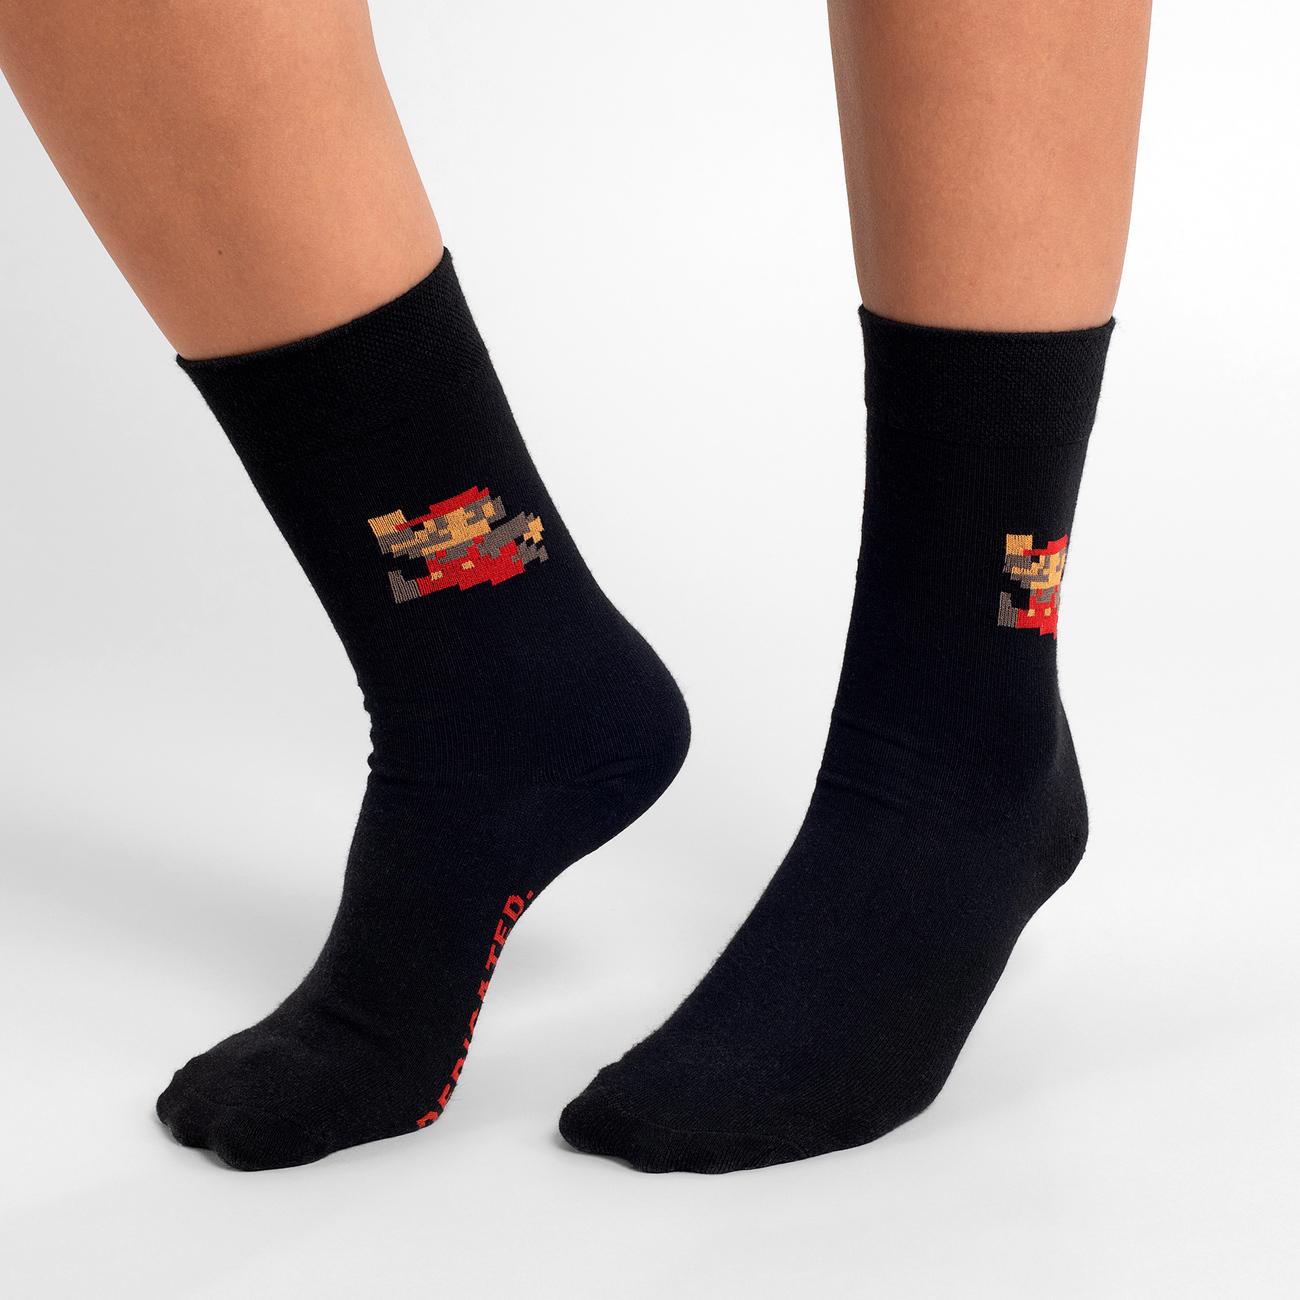 Socks Sigtuna Super Mario